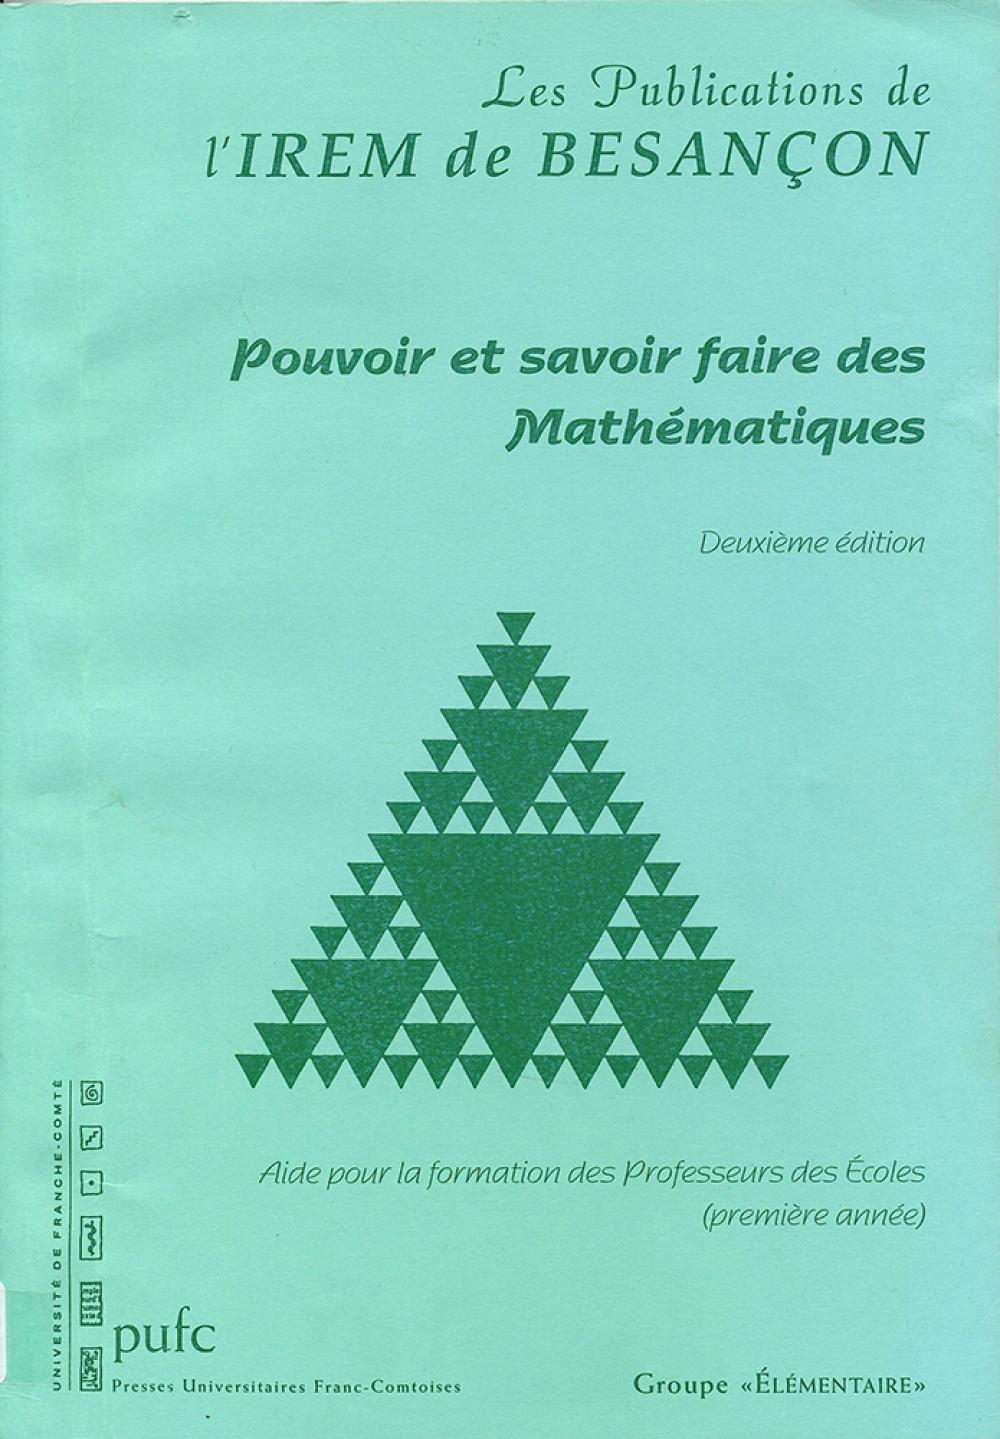 Pouvoir et savoir-faire des mathématiques